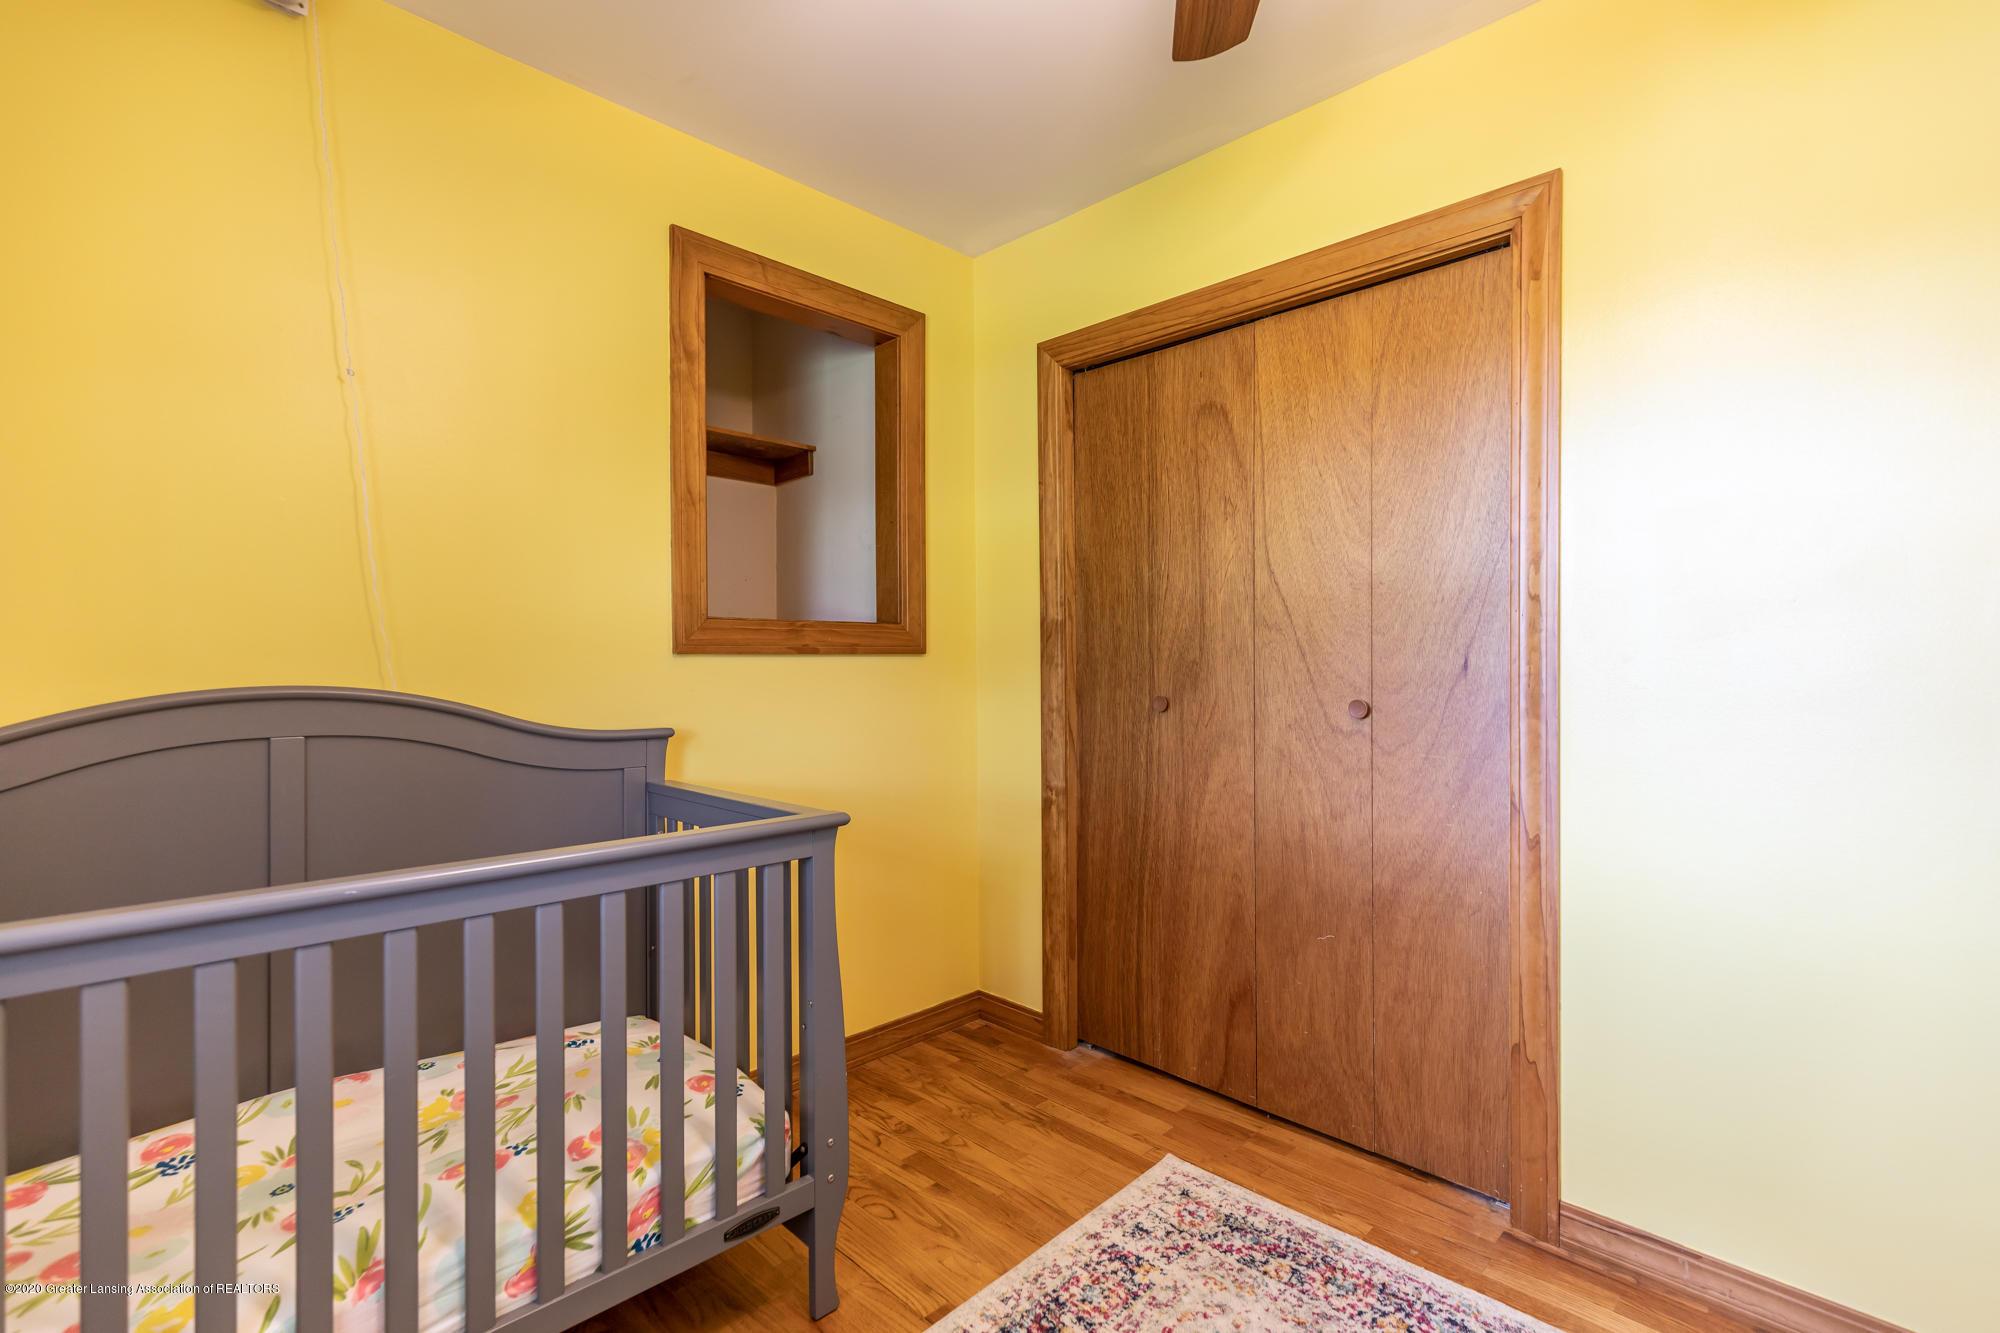 205 W Herbison Rd - Bedroom #3 - 19